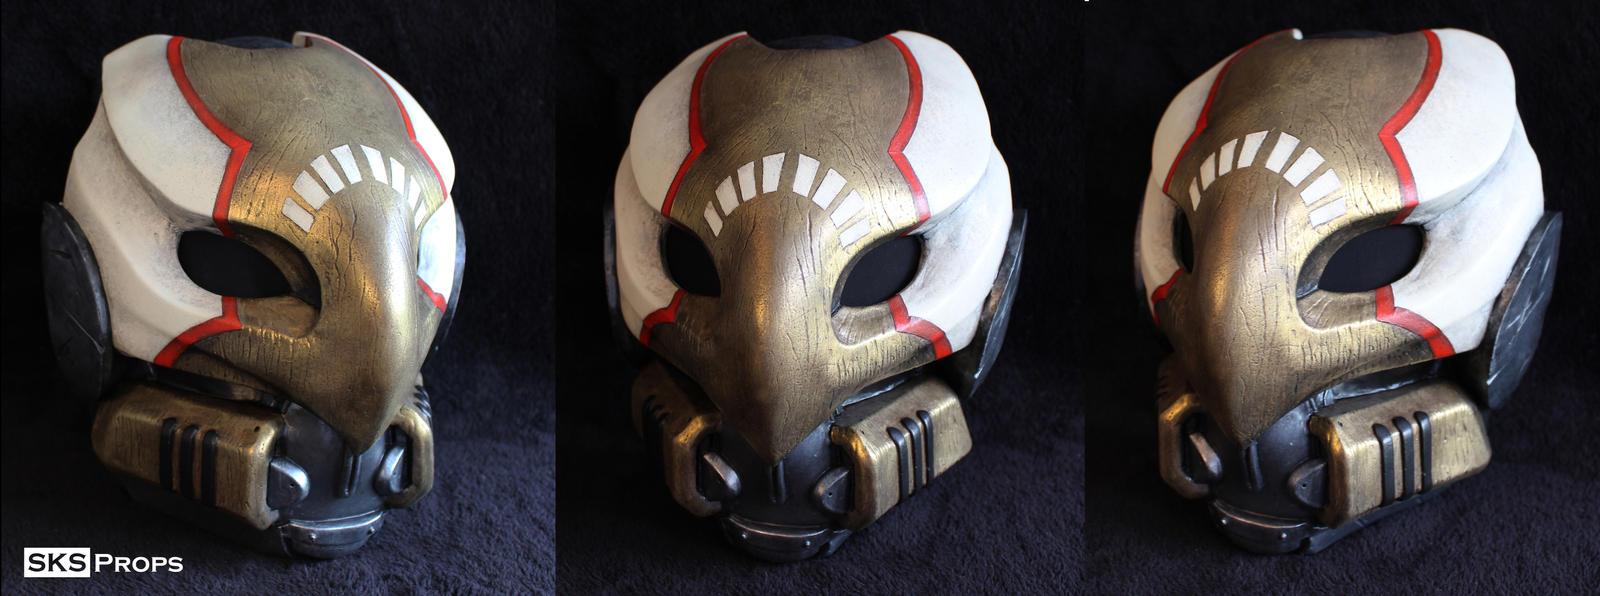 Destiny Hunter Cosplay Mask Complete by SKSProps on DeviantArt